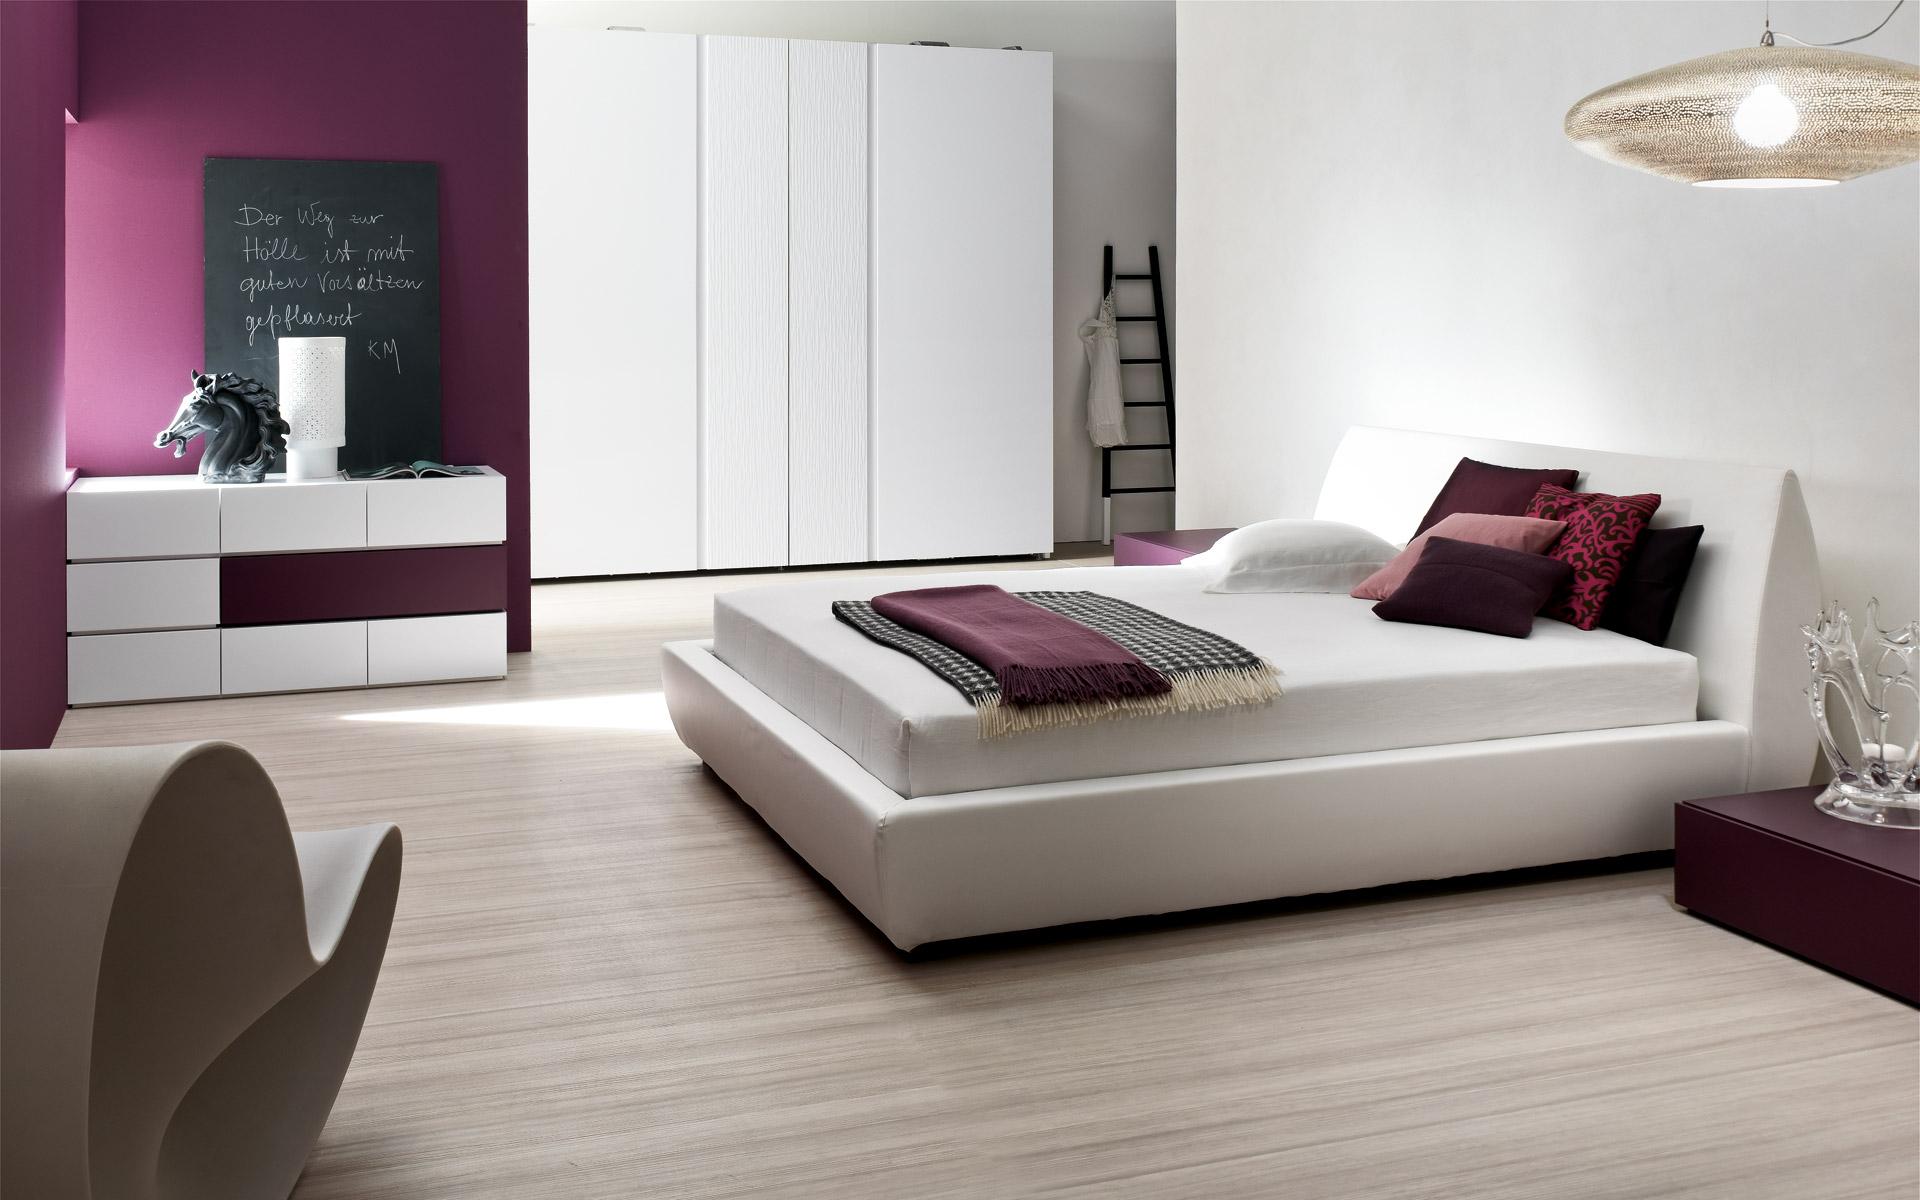 Camera da letto Santalucia Projecta 27 - Arredamenti Lupo